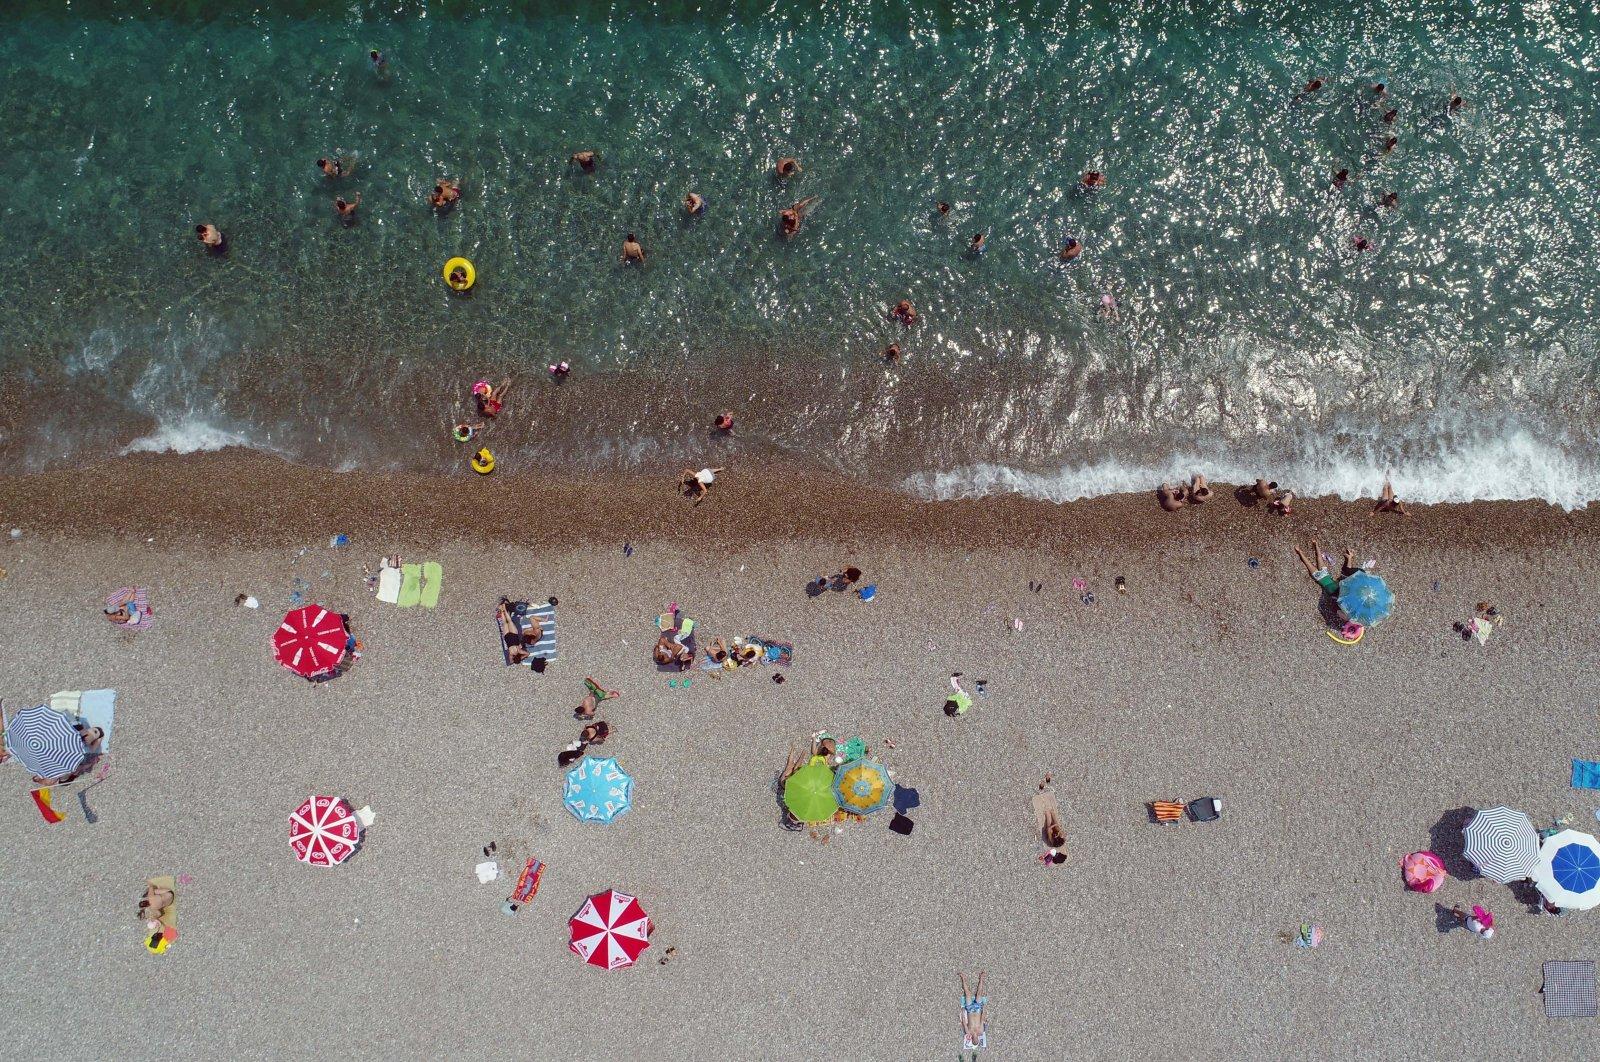 Les touristes russes reviennent pour stimuler la saison touristique en Turquie